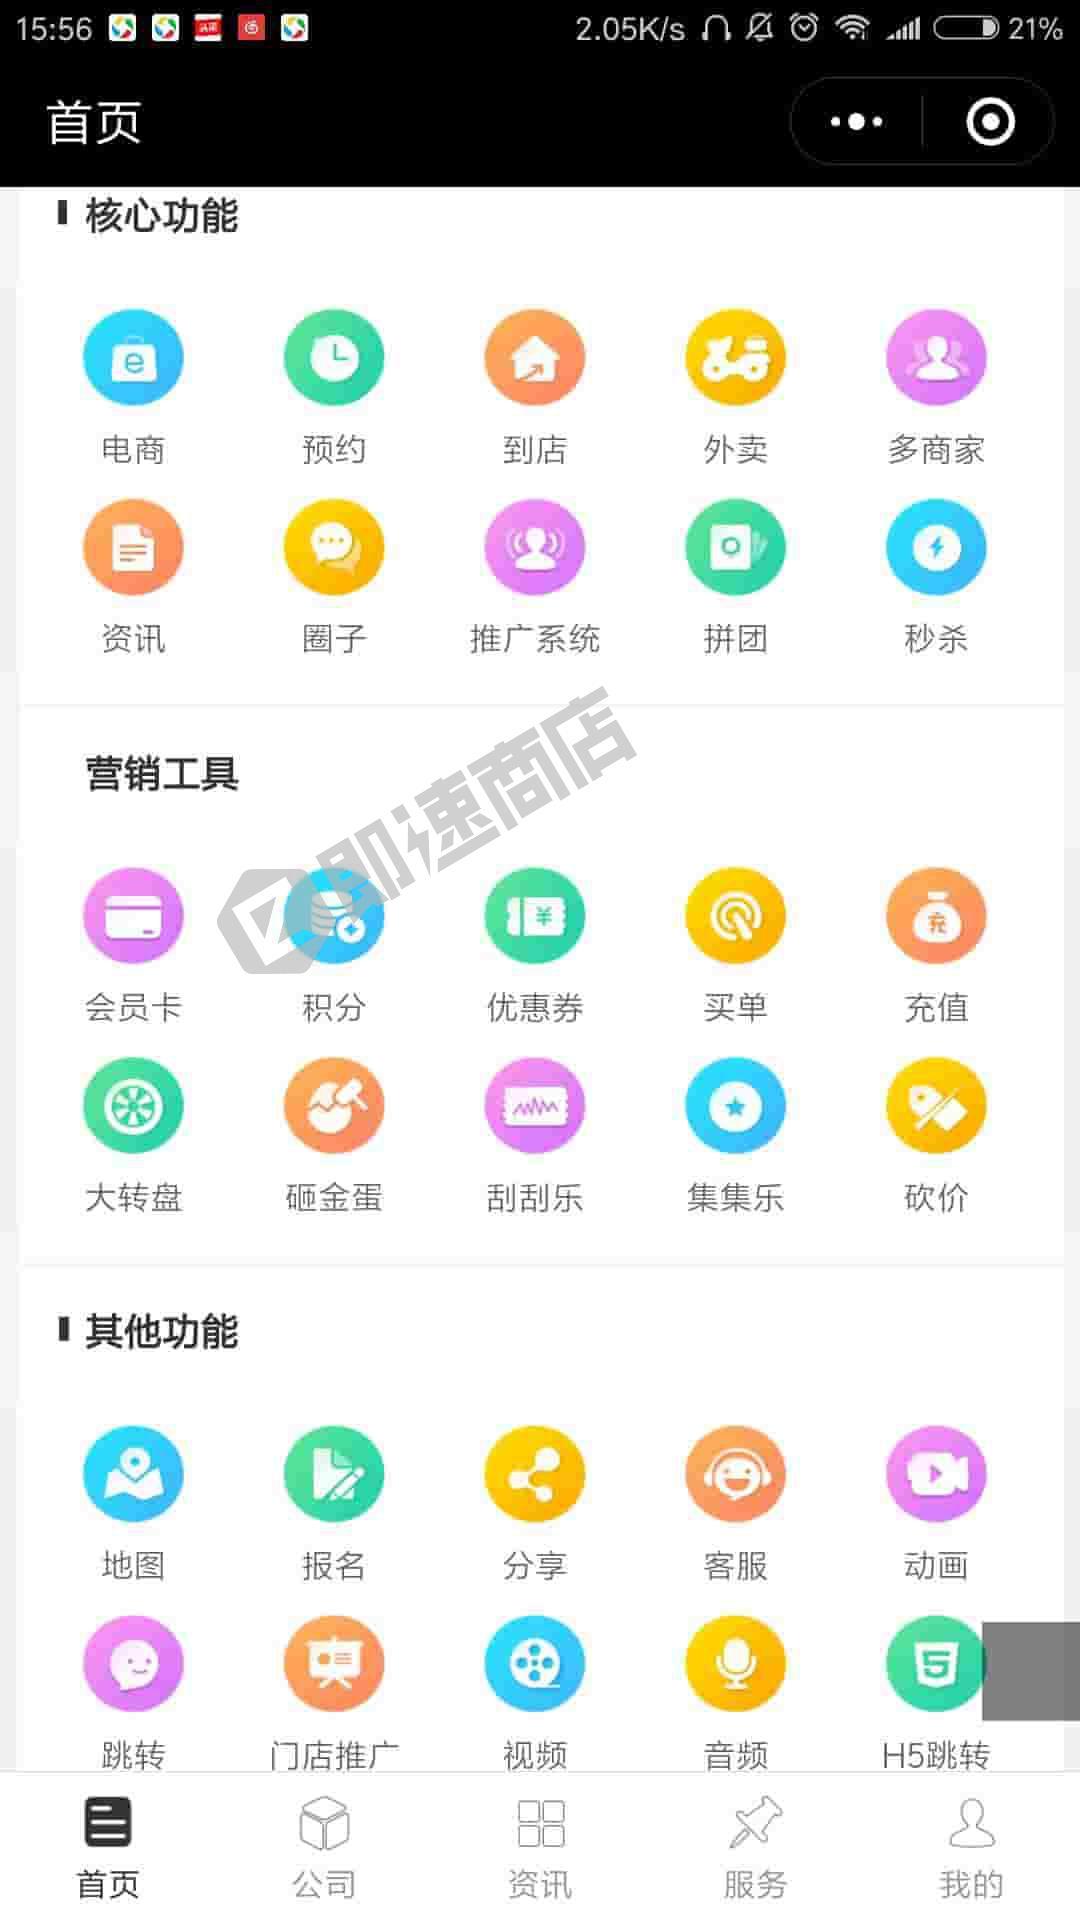 伊馚彩妆名媛馆小程序列表页截图